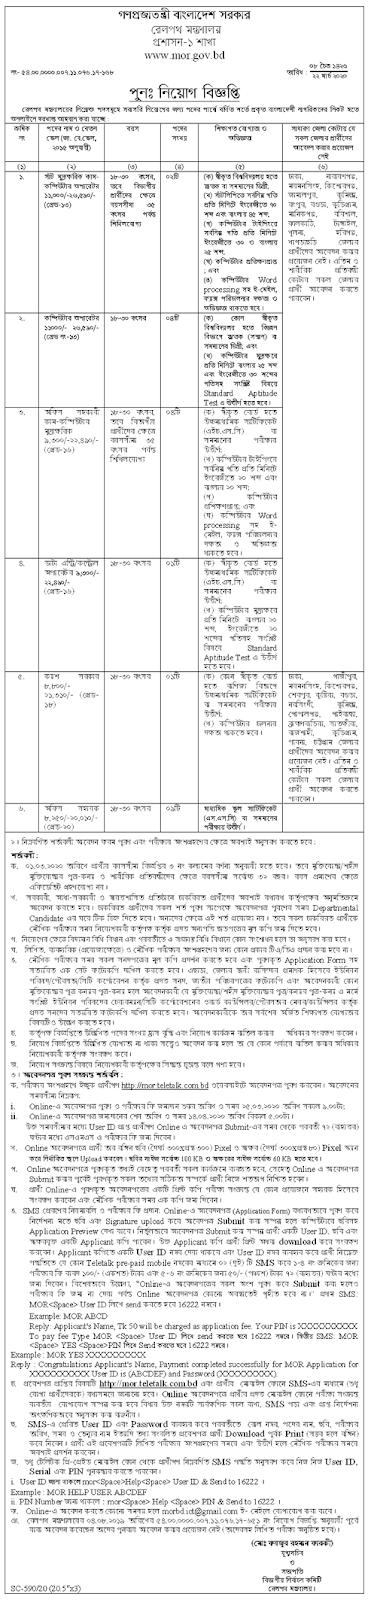 বাংলাদেশ রেলওয়ে চাকরির নিয়োগ বিজ্ঞপ্তি ২০২০-Bangladesh Railway Job Circular 2020 www.railway.gov.bd